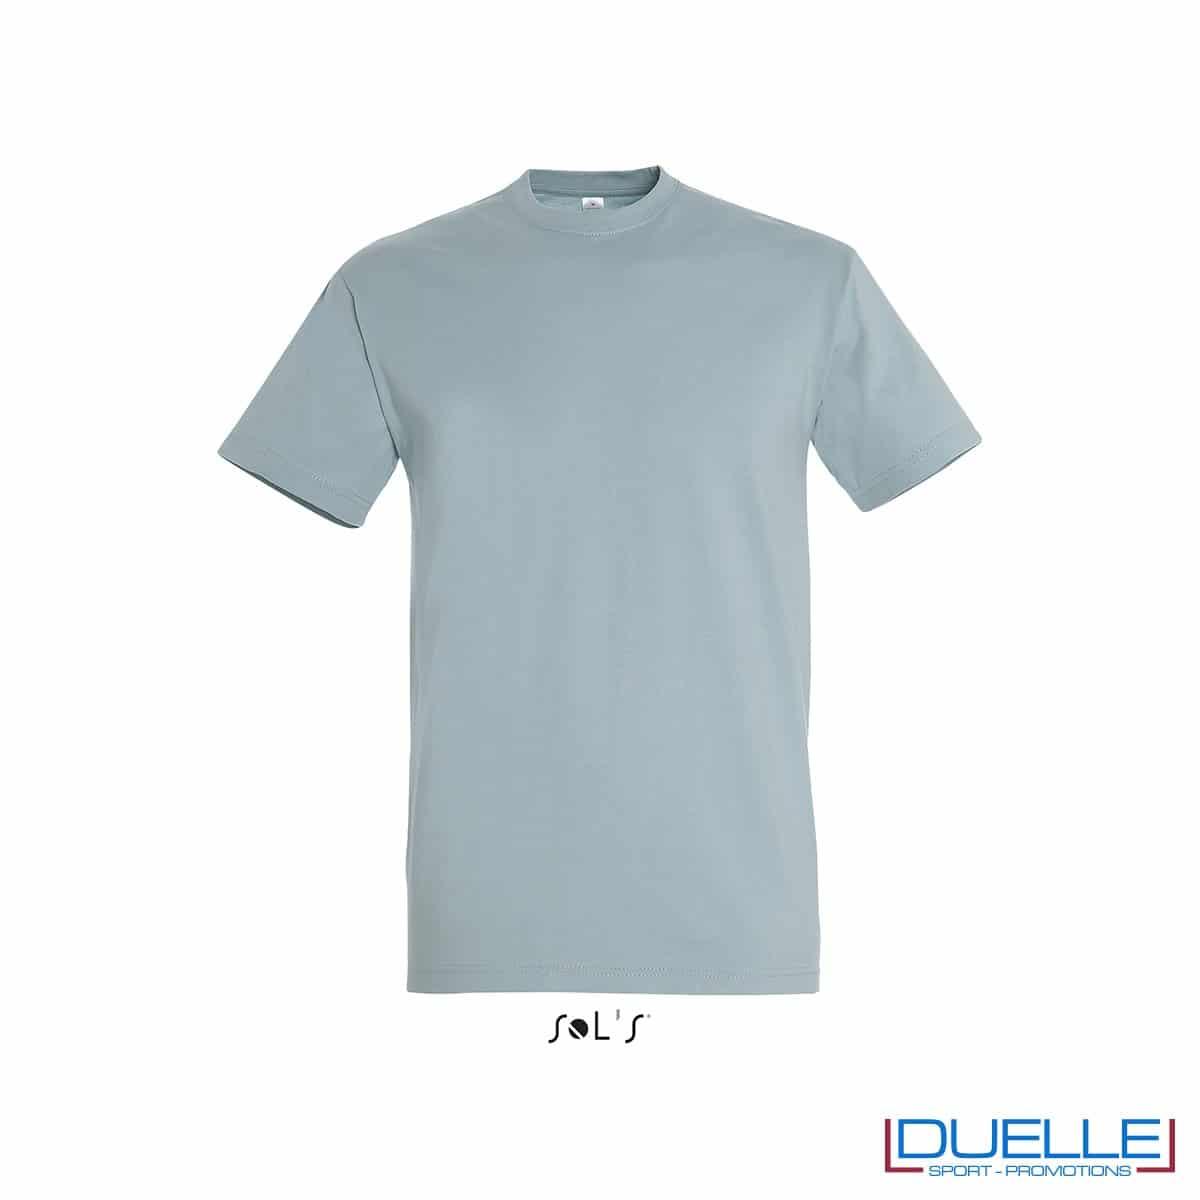 Maglietta PERSONALIZZATA in cotone pesante blu ghiaccio personalizzata con stampa o ricamo